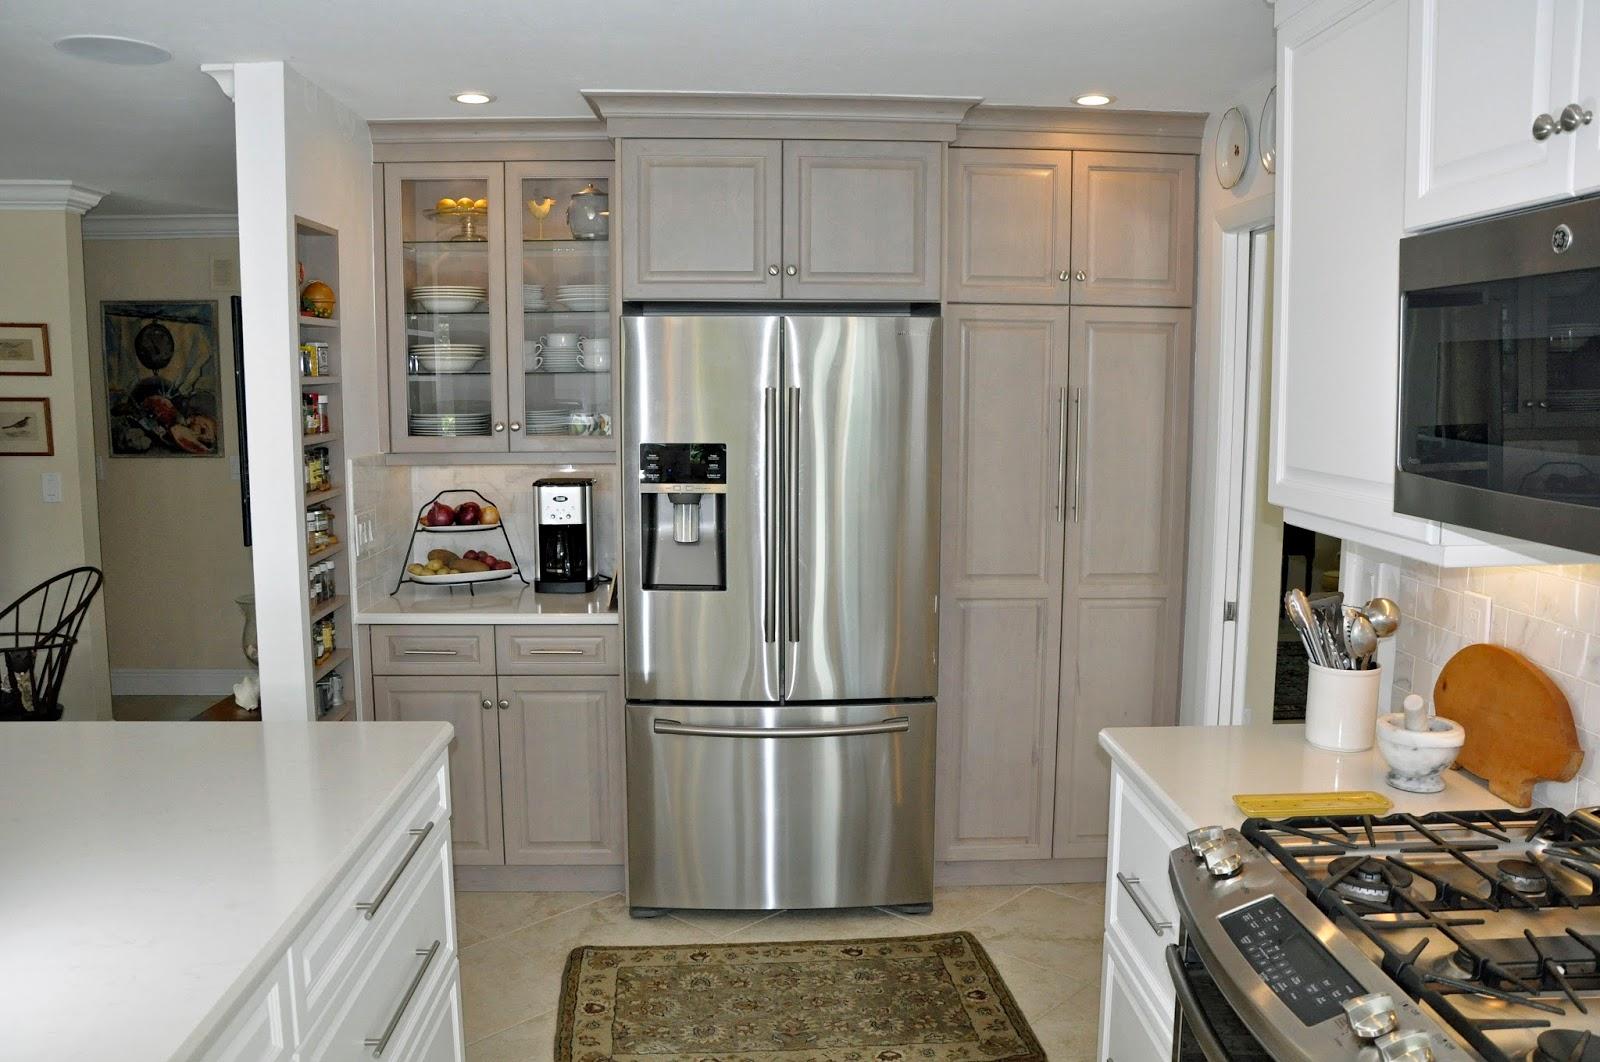 schränke neben dem kühlschrank pantry küche